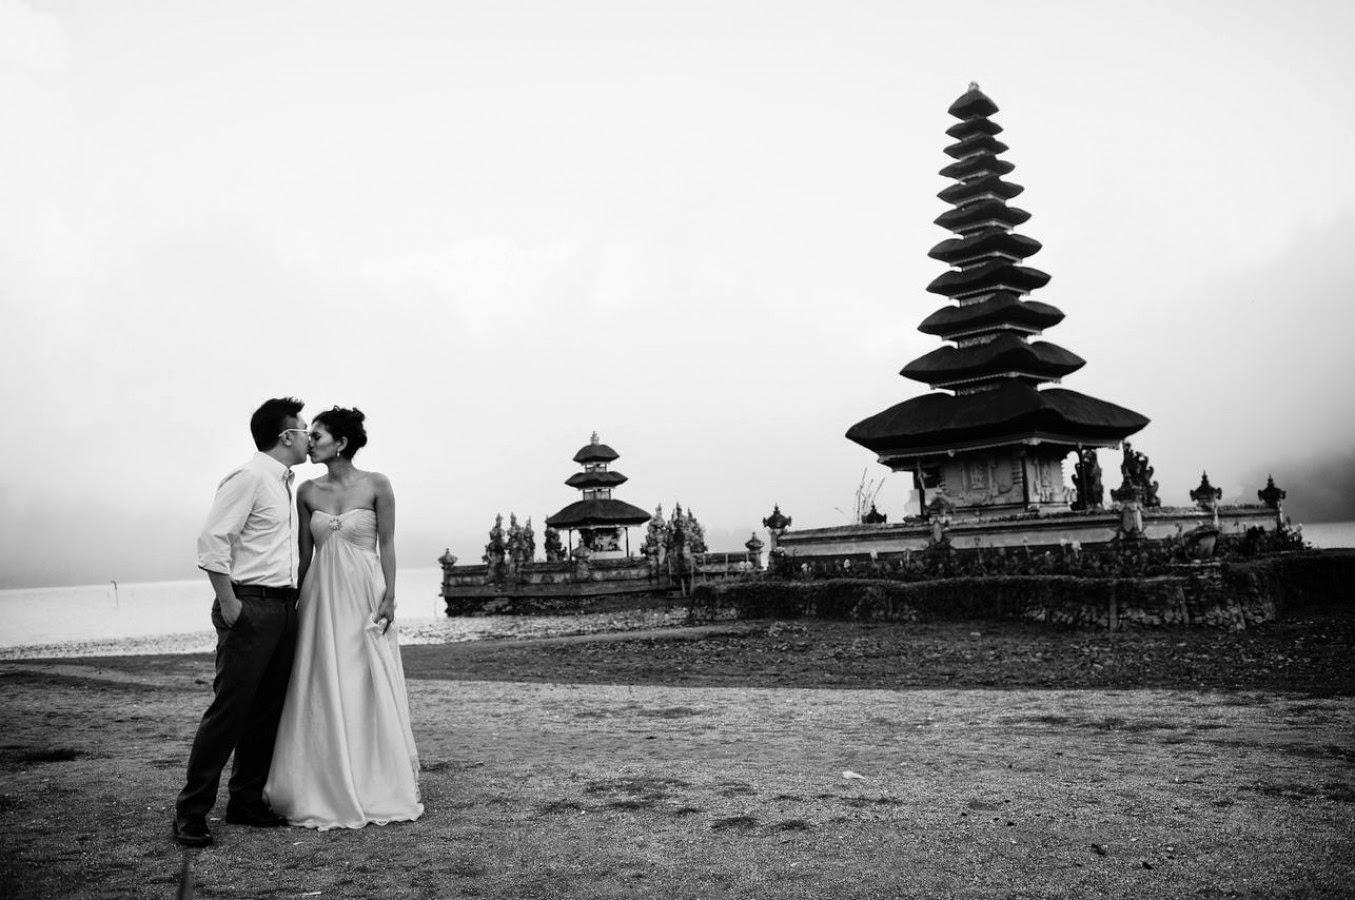 bali black white pagoda kiss